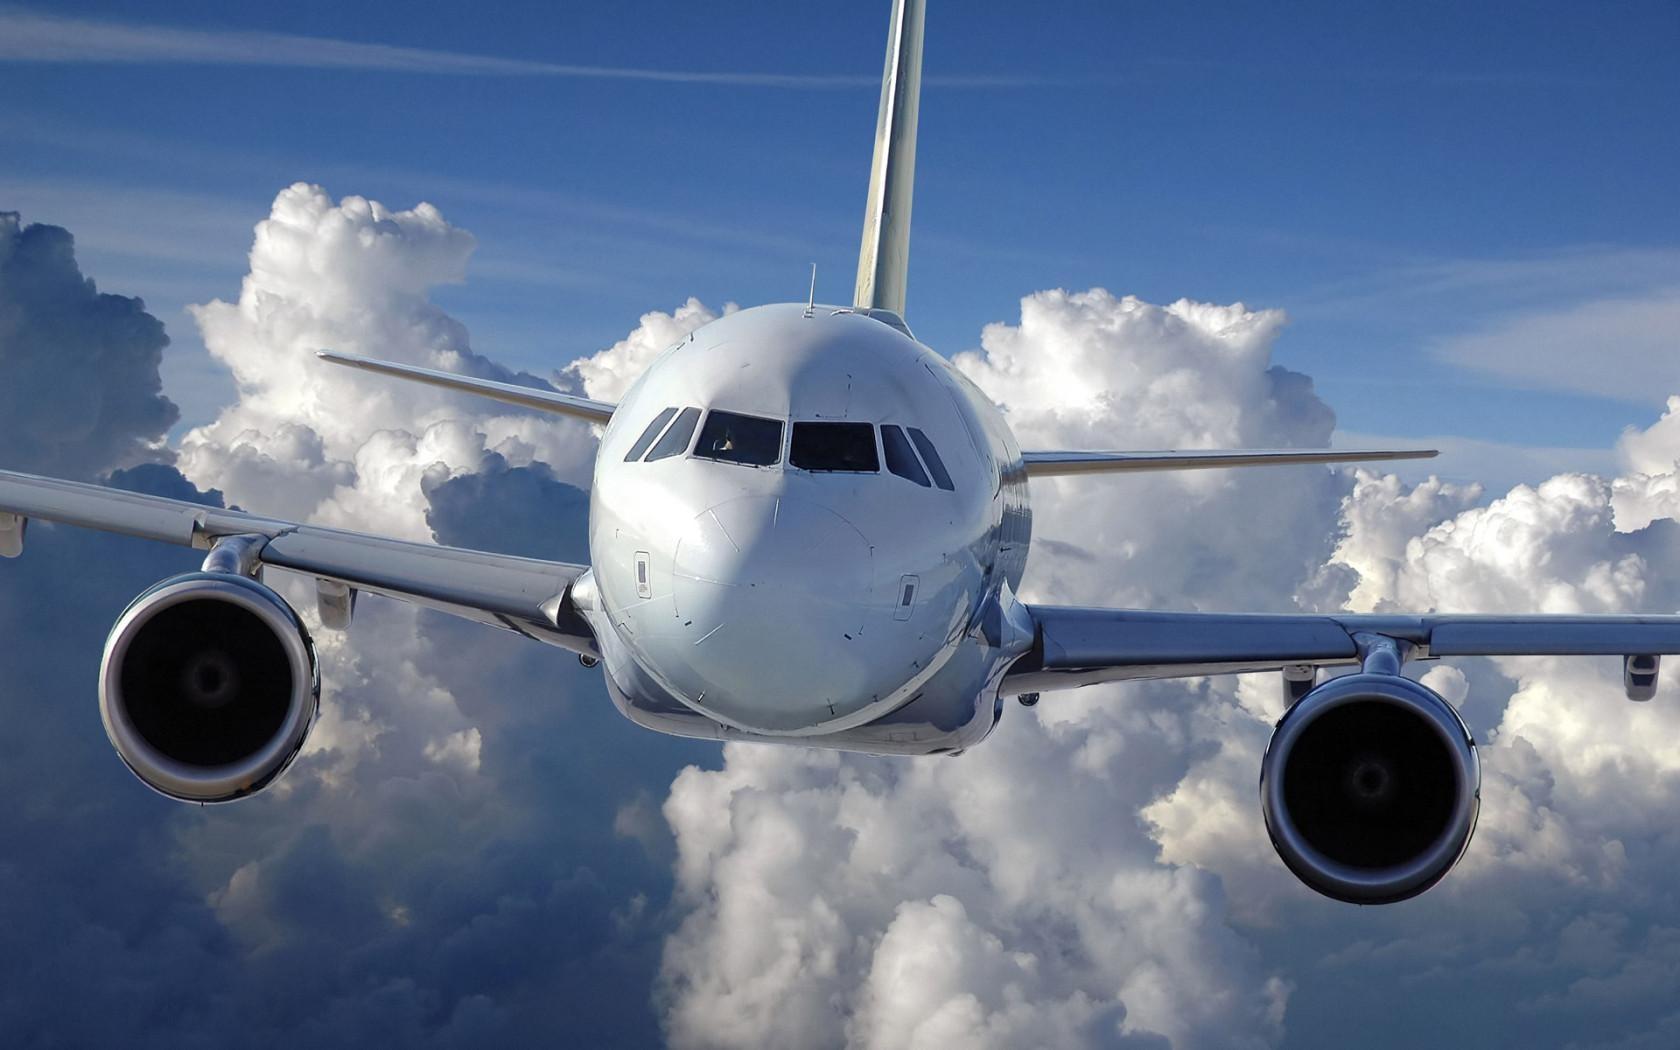 ВНижневартовске самолет совершил вынужденную посадку из-за болезни пассажиров